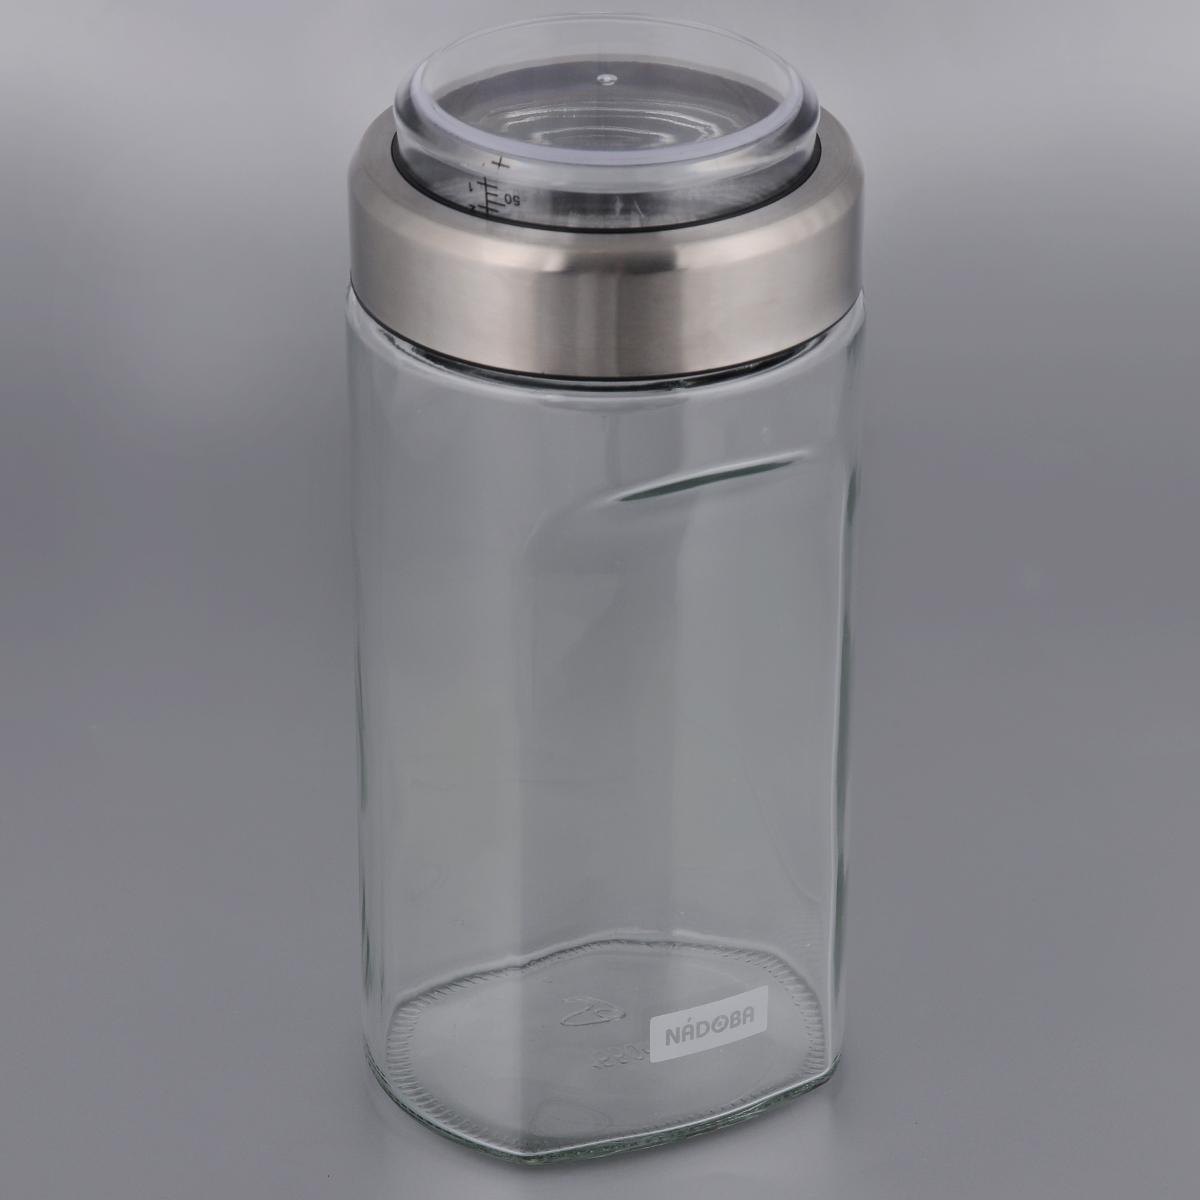 Емкость для сыпучих продуктов Nadoba Petra, с мерным стаканом, 2 л емкость для сыпучих продуктов с мерным стаканом nadoba otina